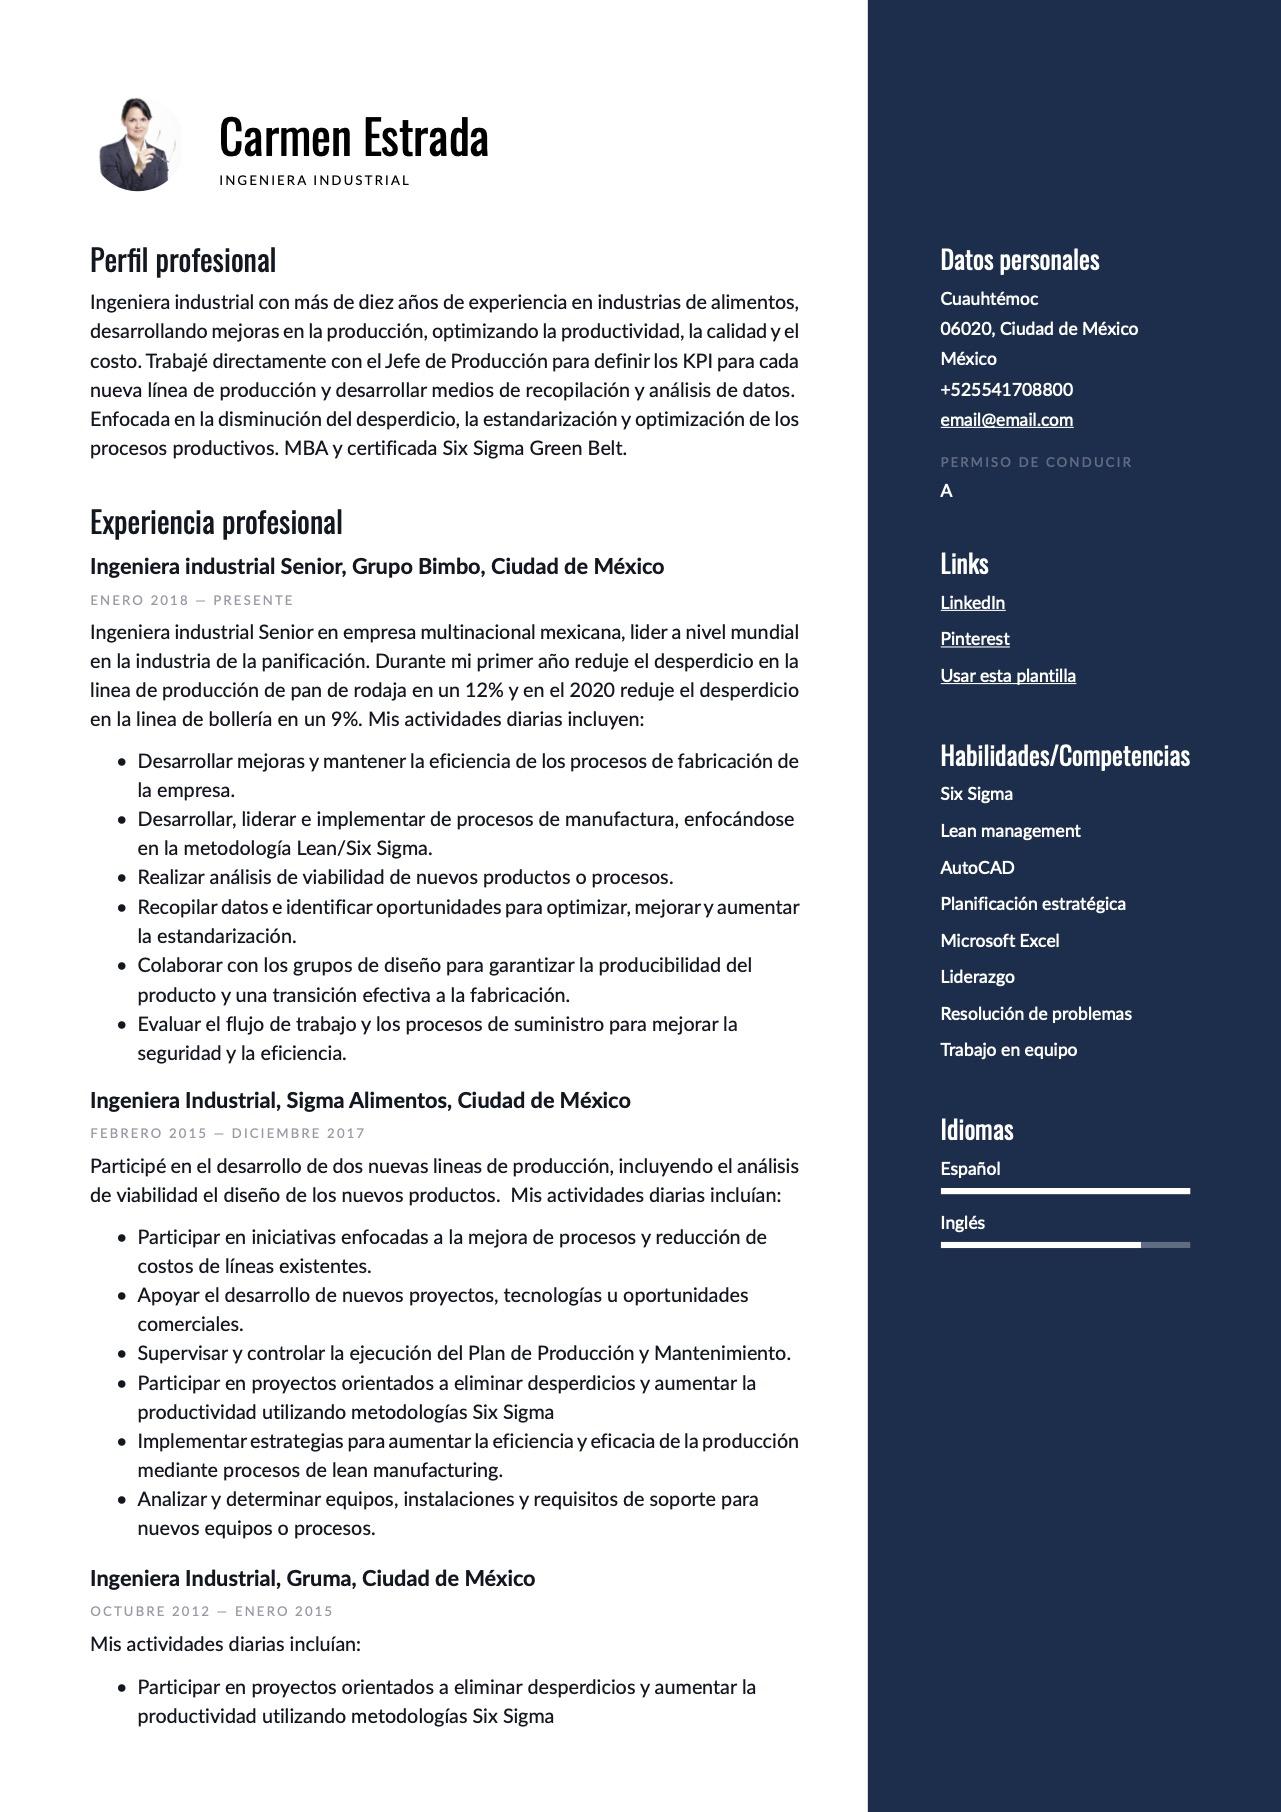 Modelo de CV para Ingeniero industrial